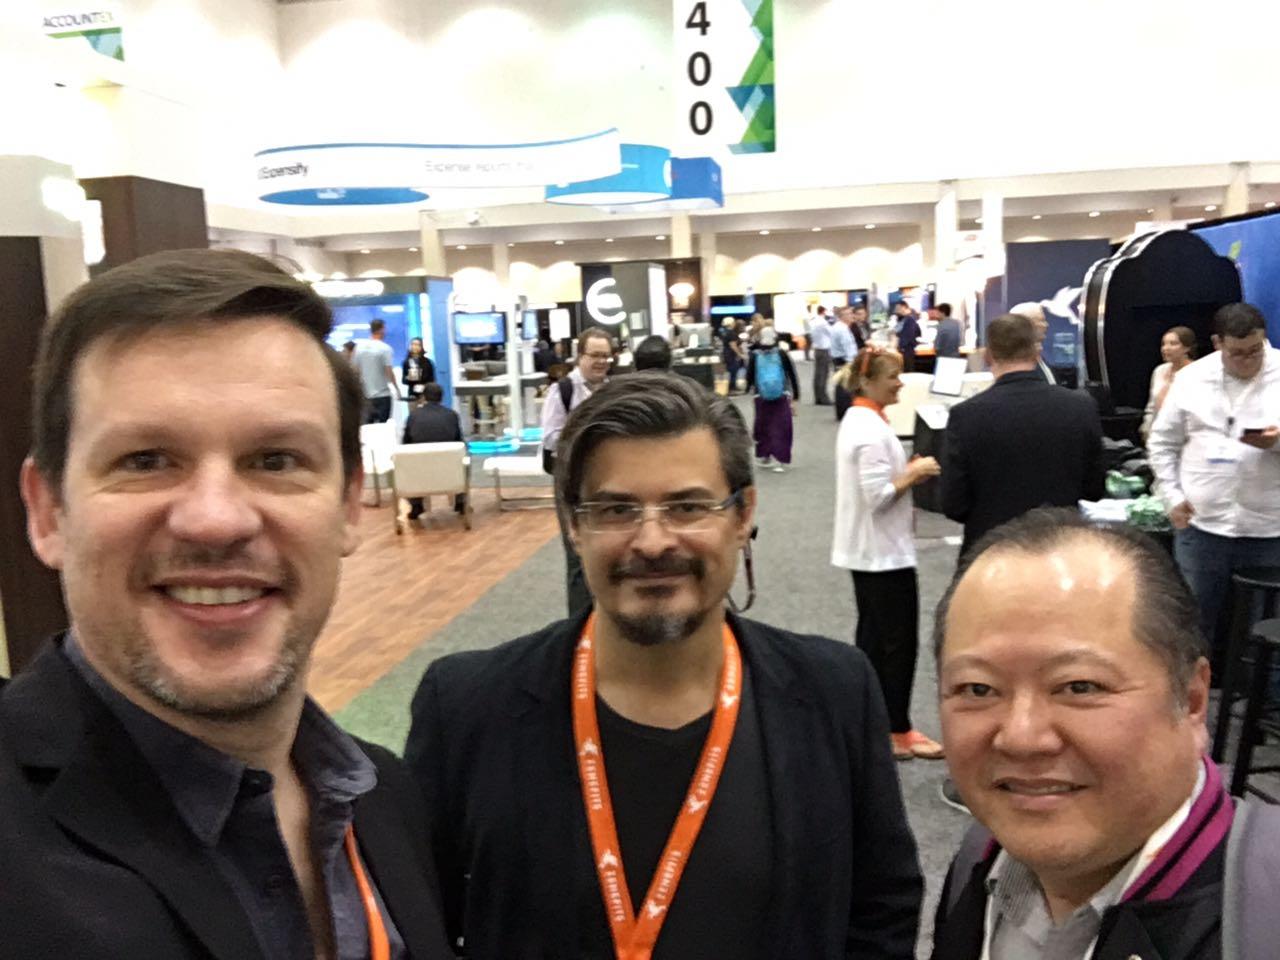 Marcelo Lombardo, Roberto Dias Duarte e Márcio Massao Shimomoto, Presidente do SESCON SP, na Accountex USA 2017